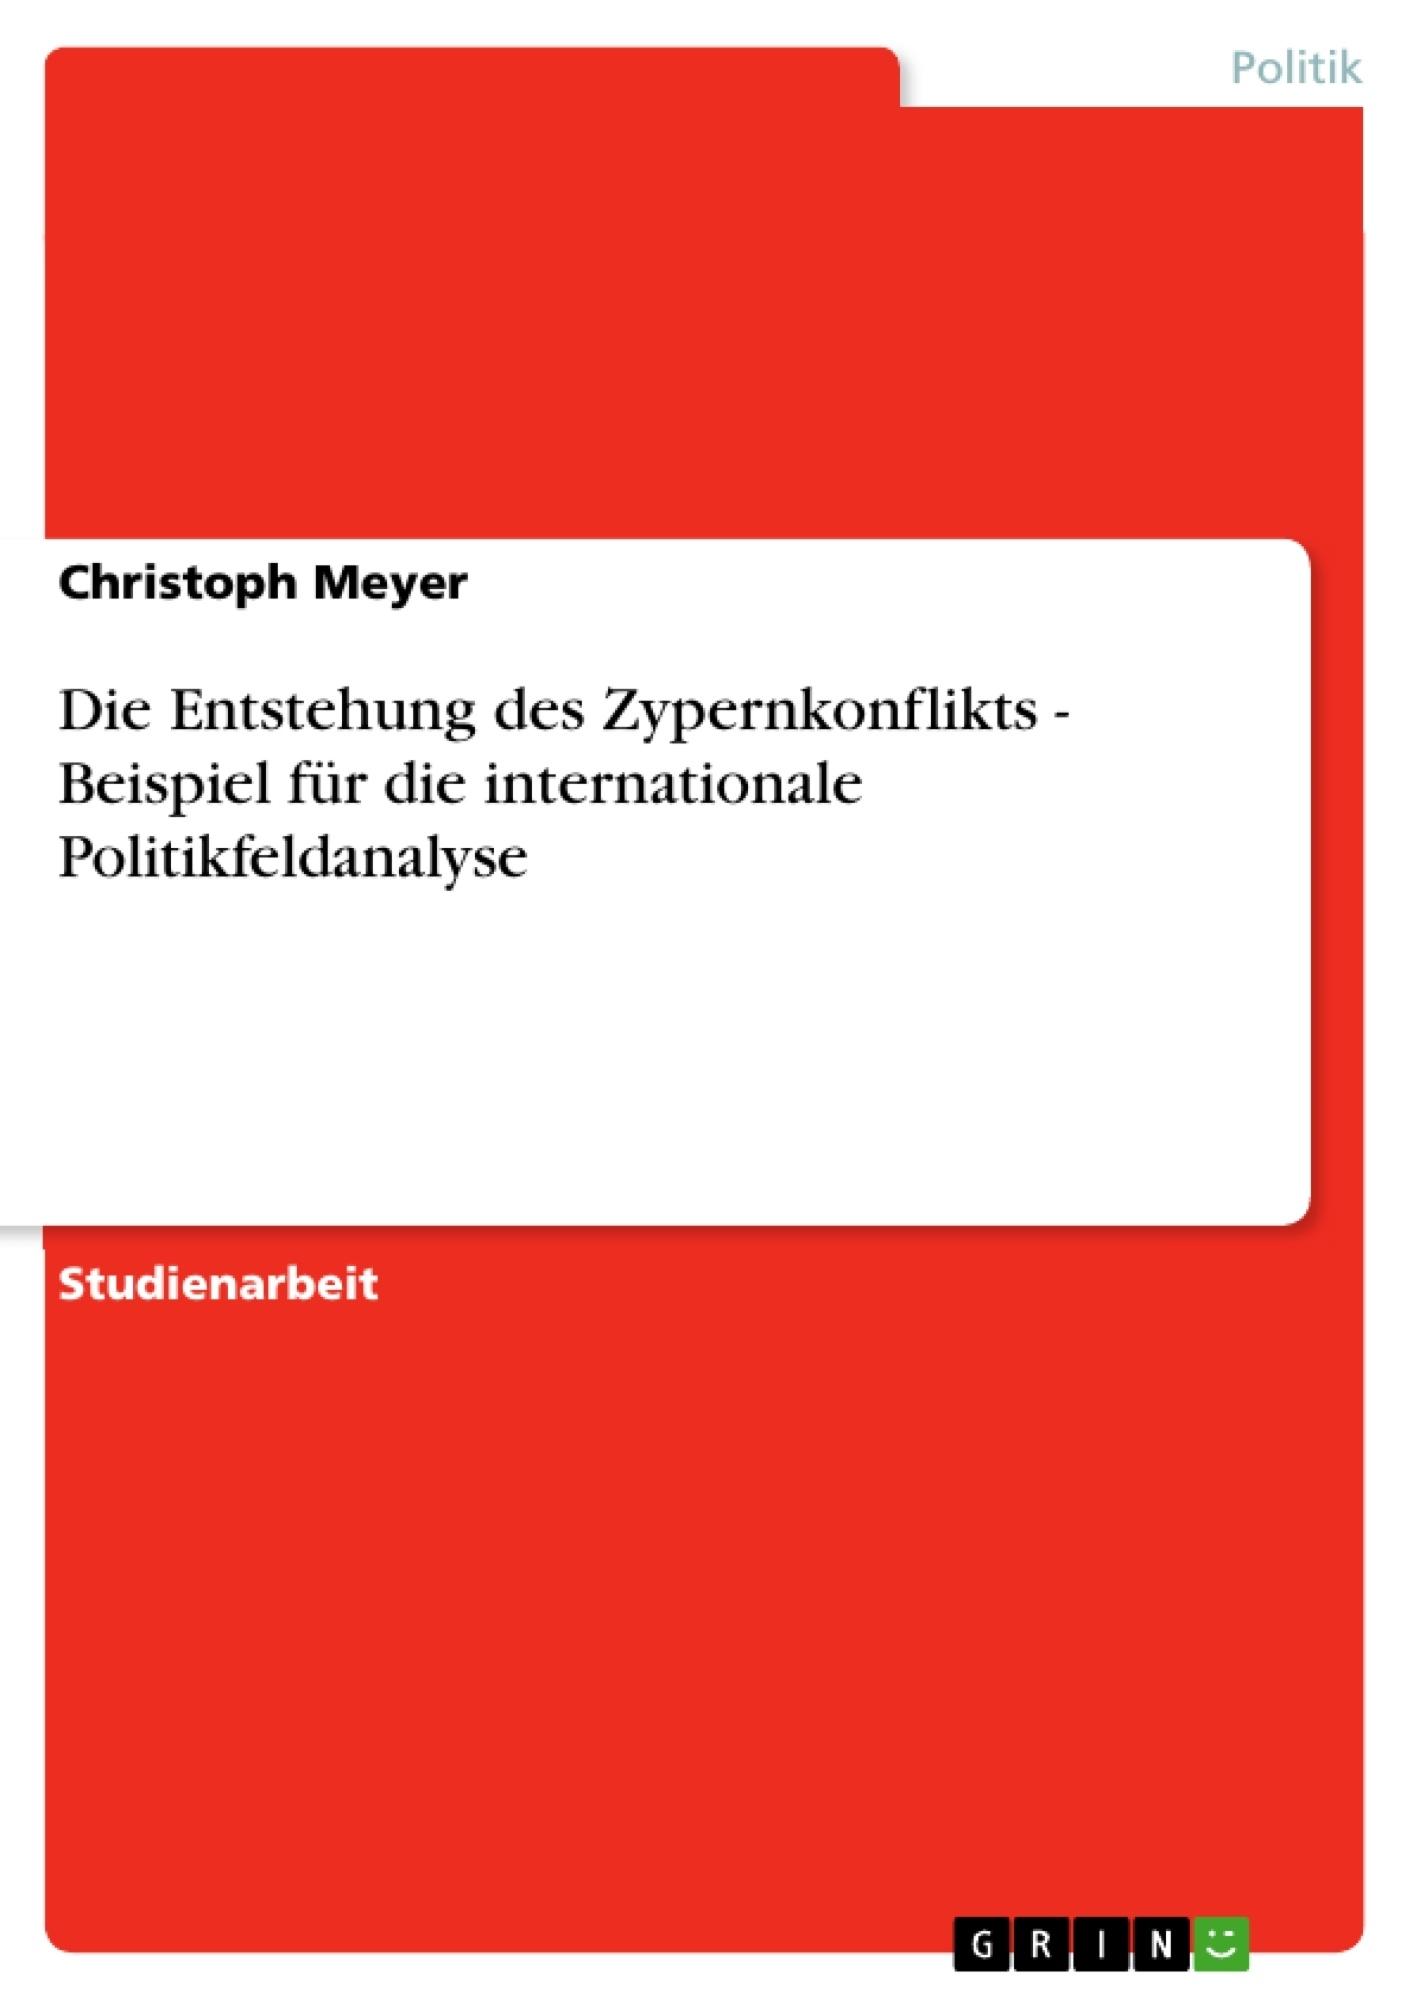 Titel: Die Entstehung des Zypernkonflikts - Beispiel für die internationale Politikfeldanalyse